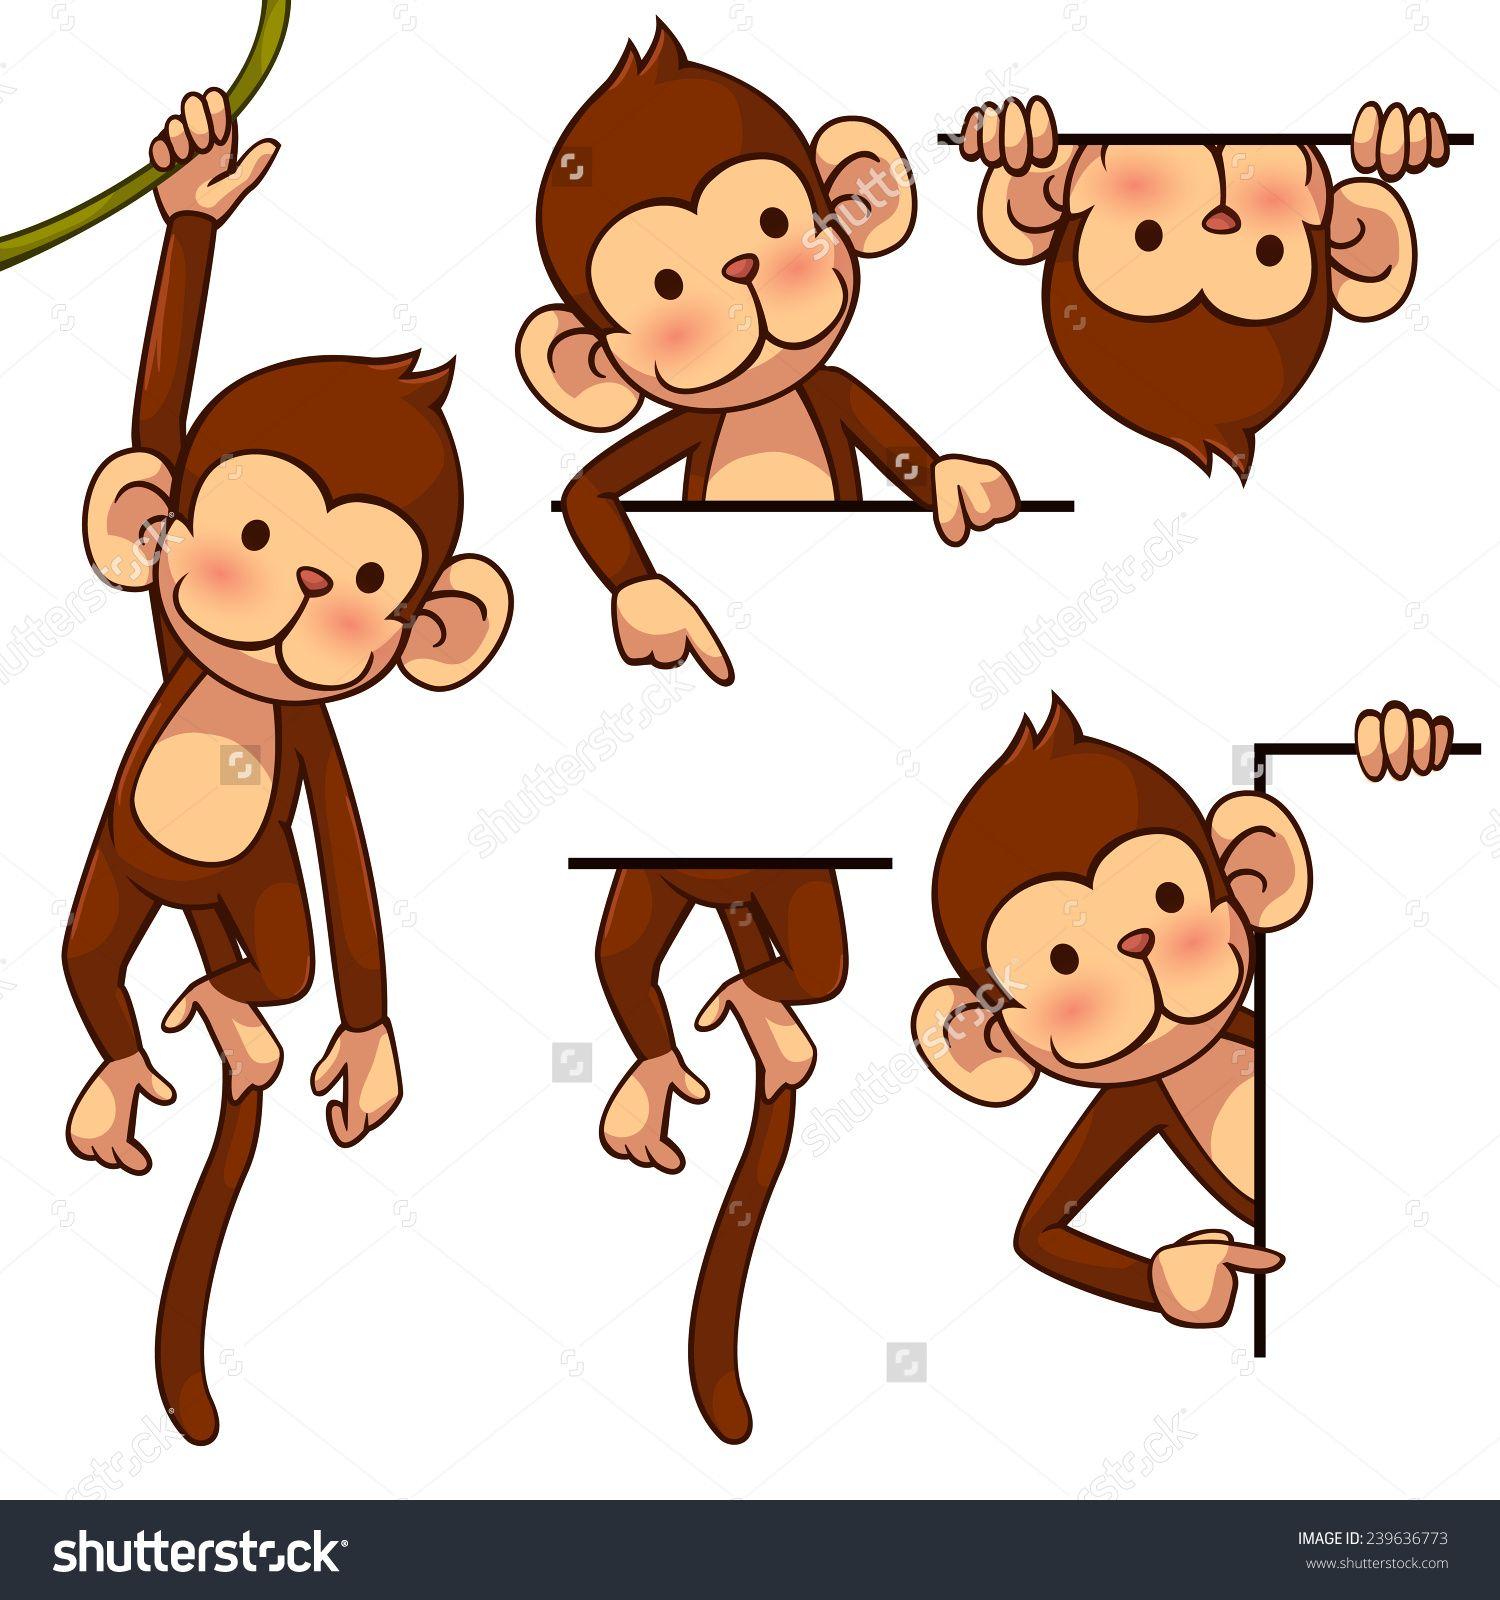 Monkey ilustration photo